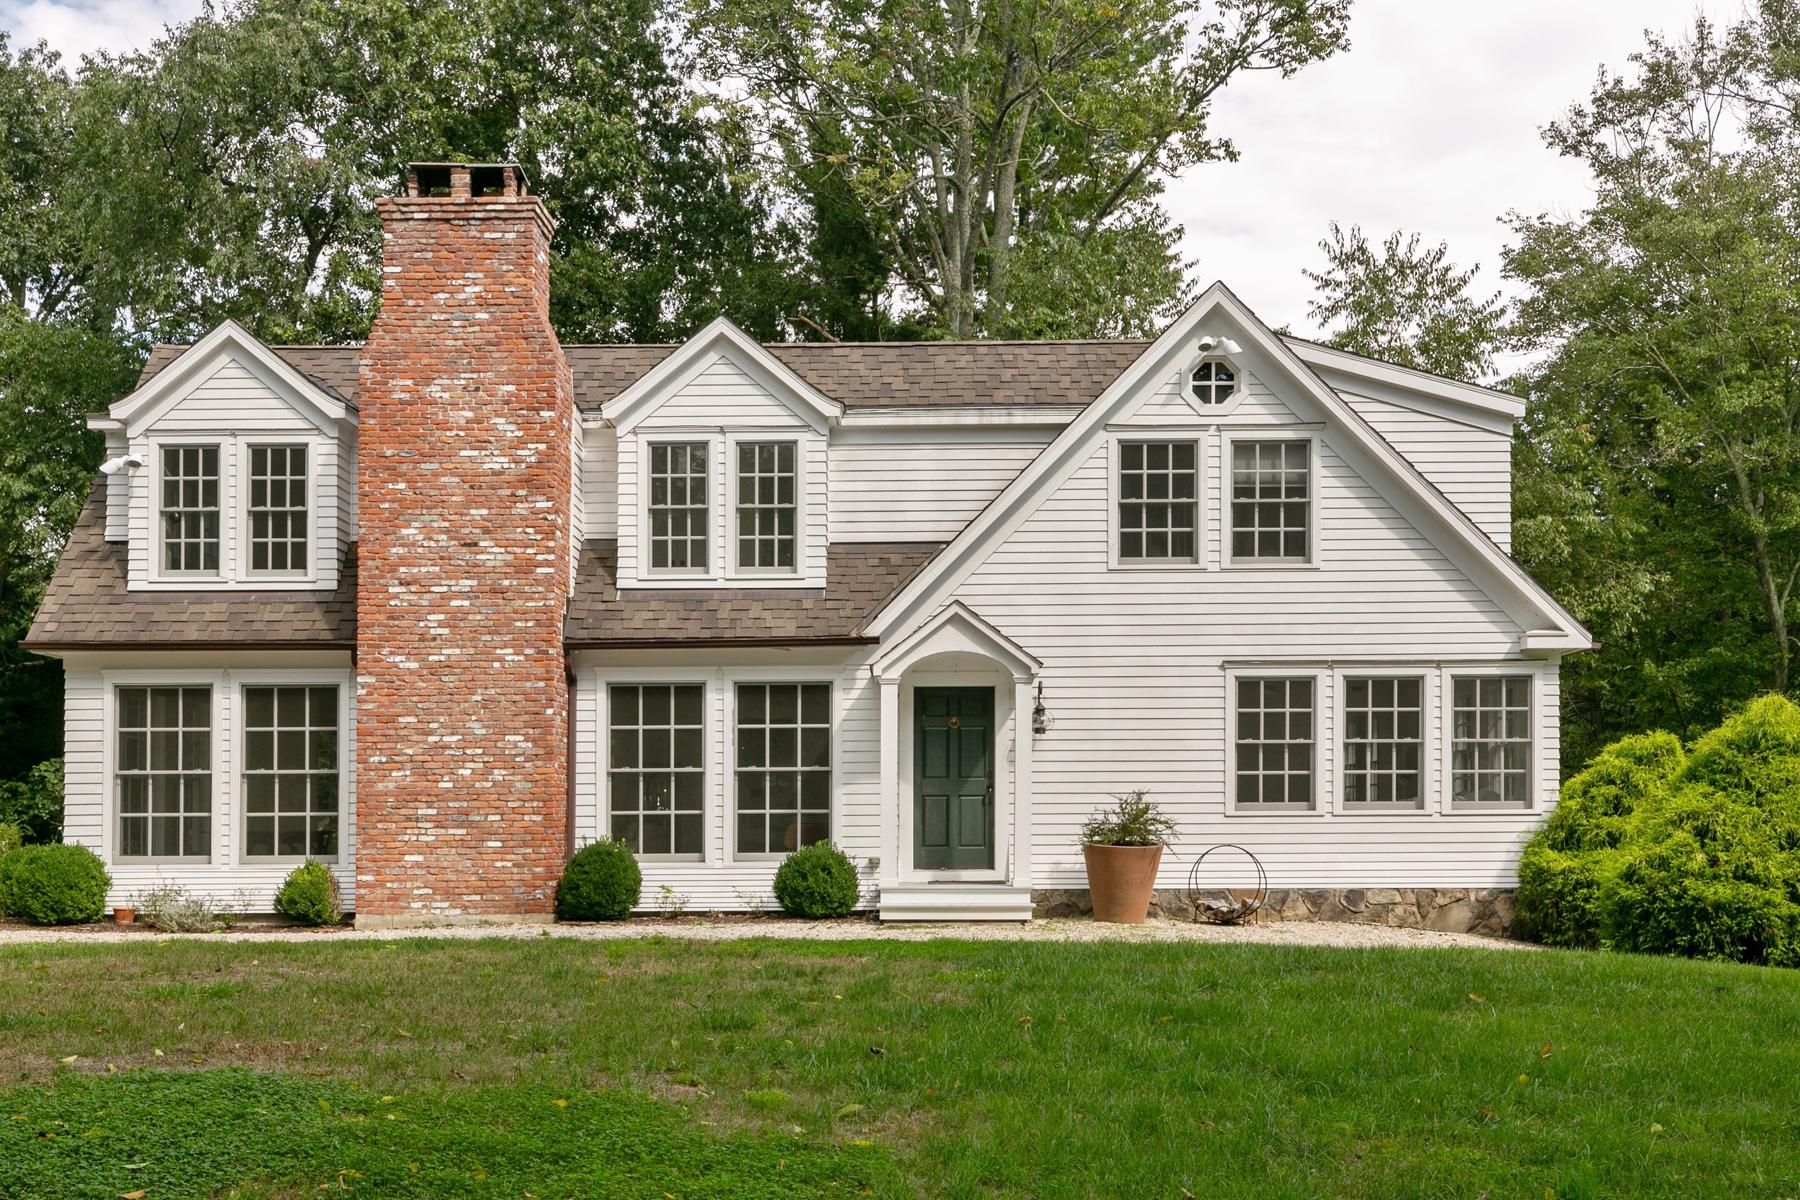 Частный односемейный дом для того Продажа на LIVE Chic 15 Benedict Road South Salem, Нью-Йорк 10590 Соединенные Штаты